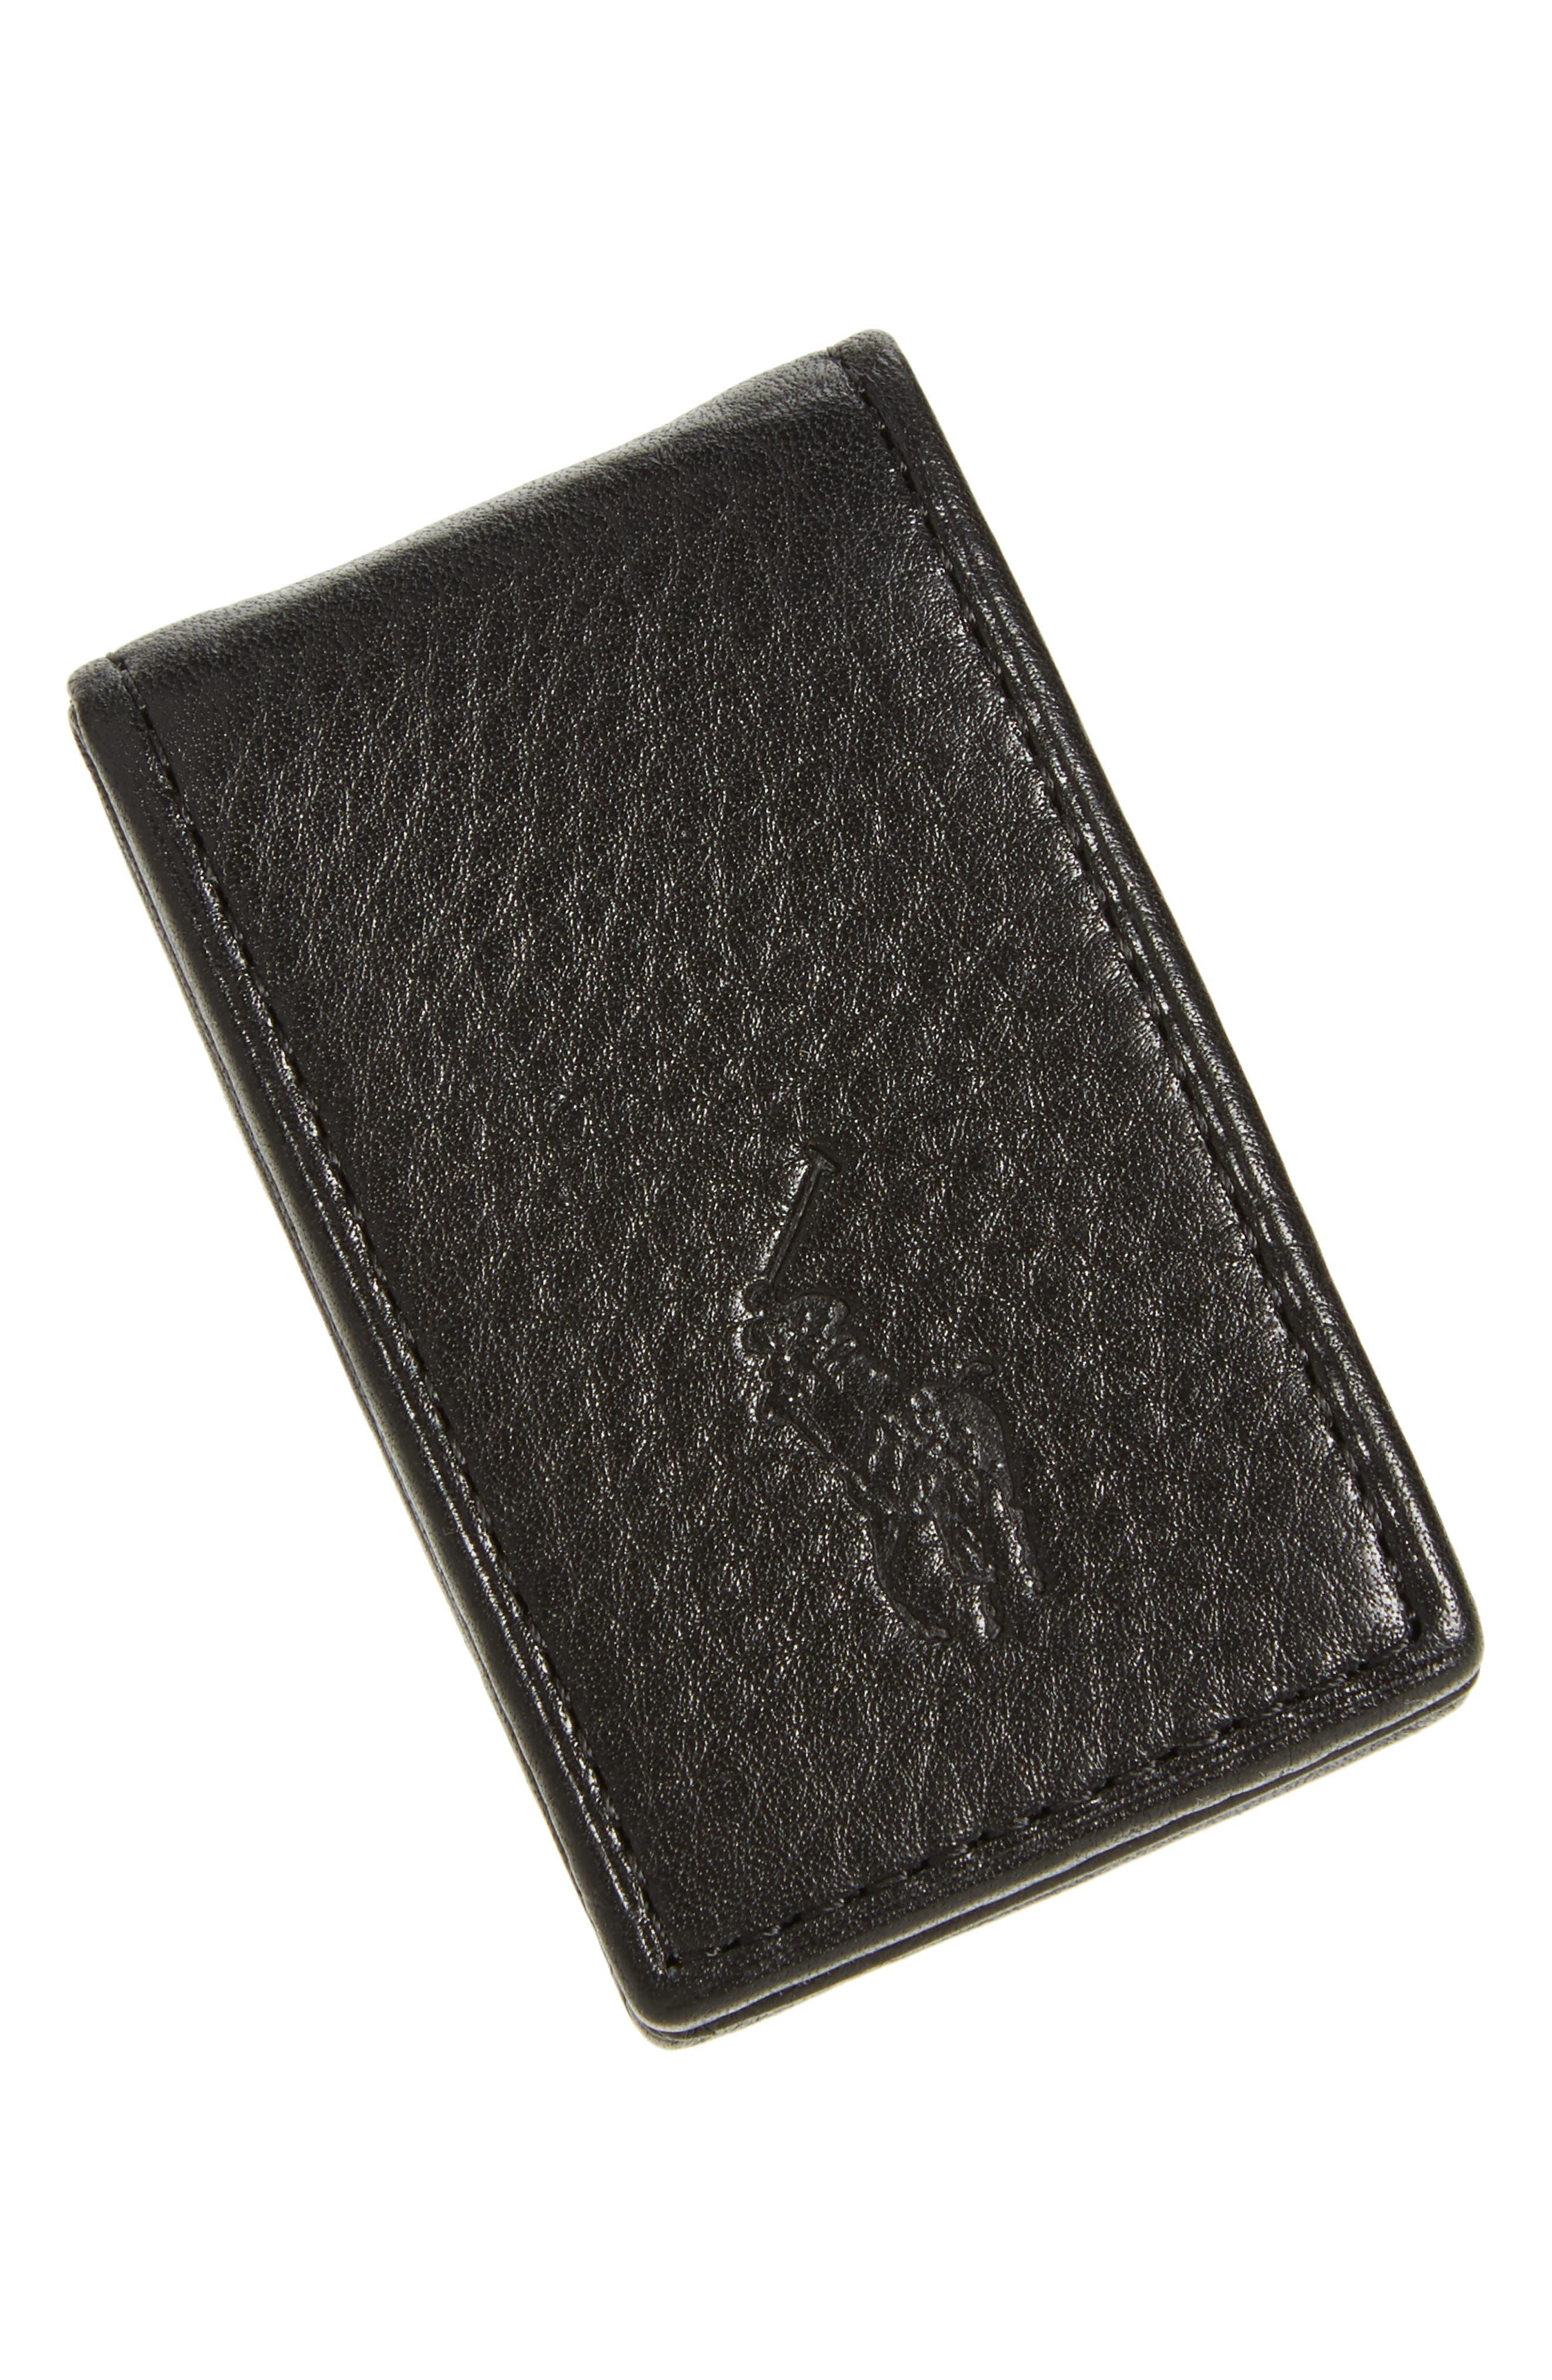 Polo Ralph Lauren Pebble Leather Money Clip